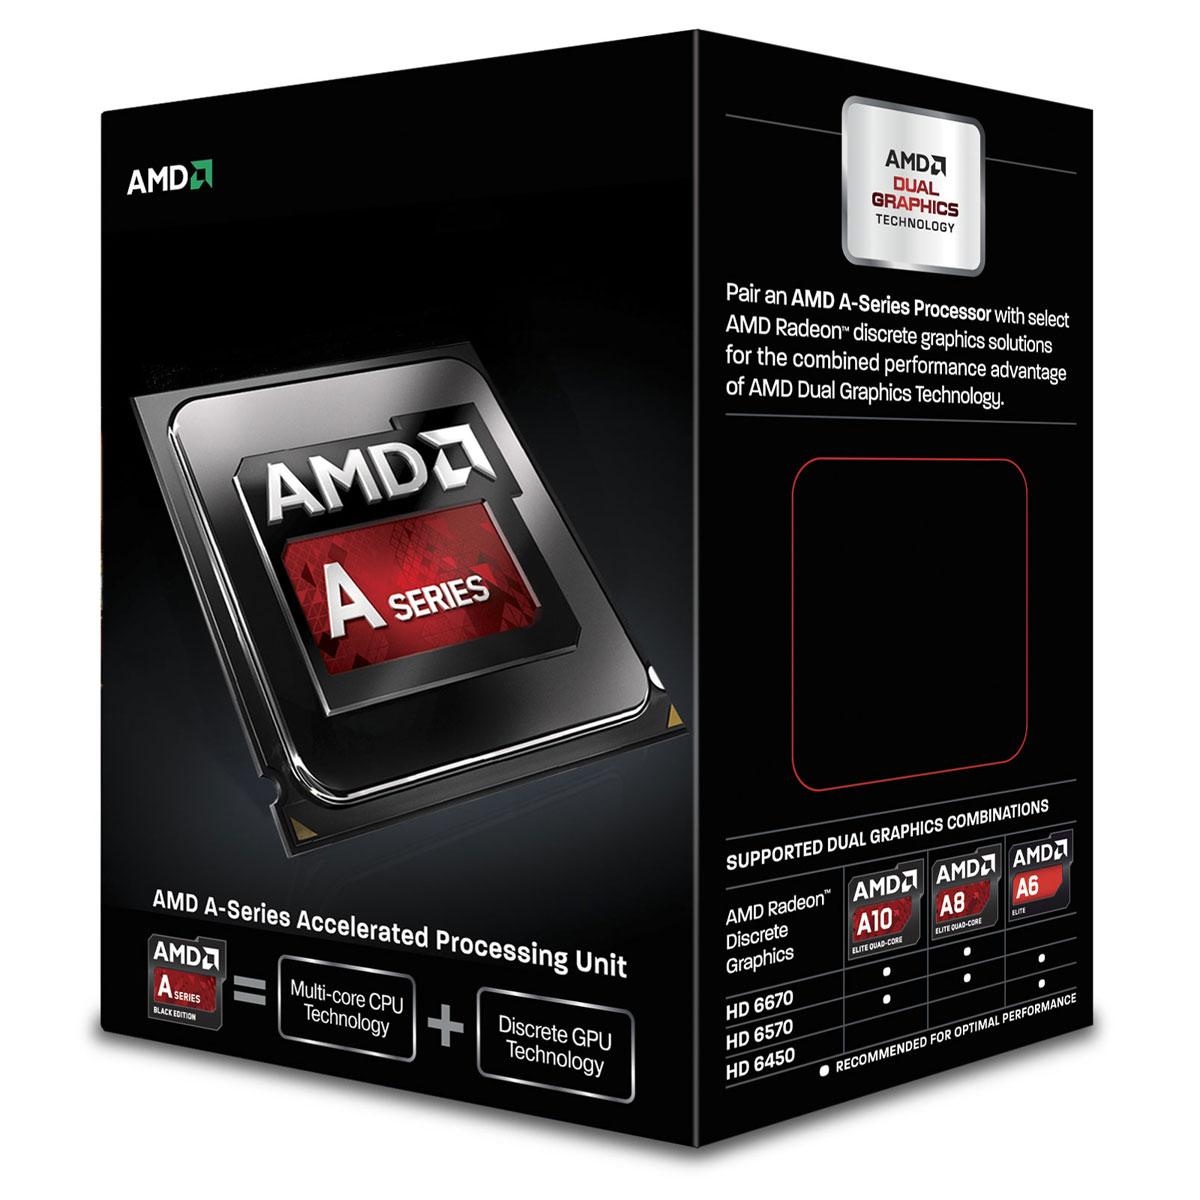 Processeur AMD A6-7470K (3.7 GHz) Processeur Dual Core socket FM2+ Cache L2 1 Mo Radeon R5 series 0.028 micron (version boîte - garantie constructeur 3 ans)